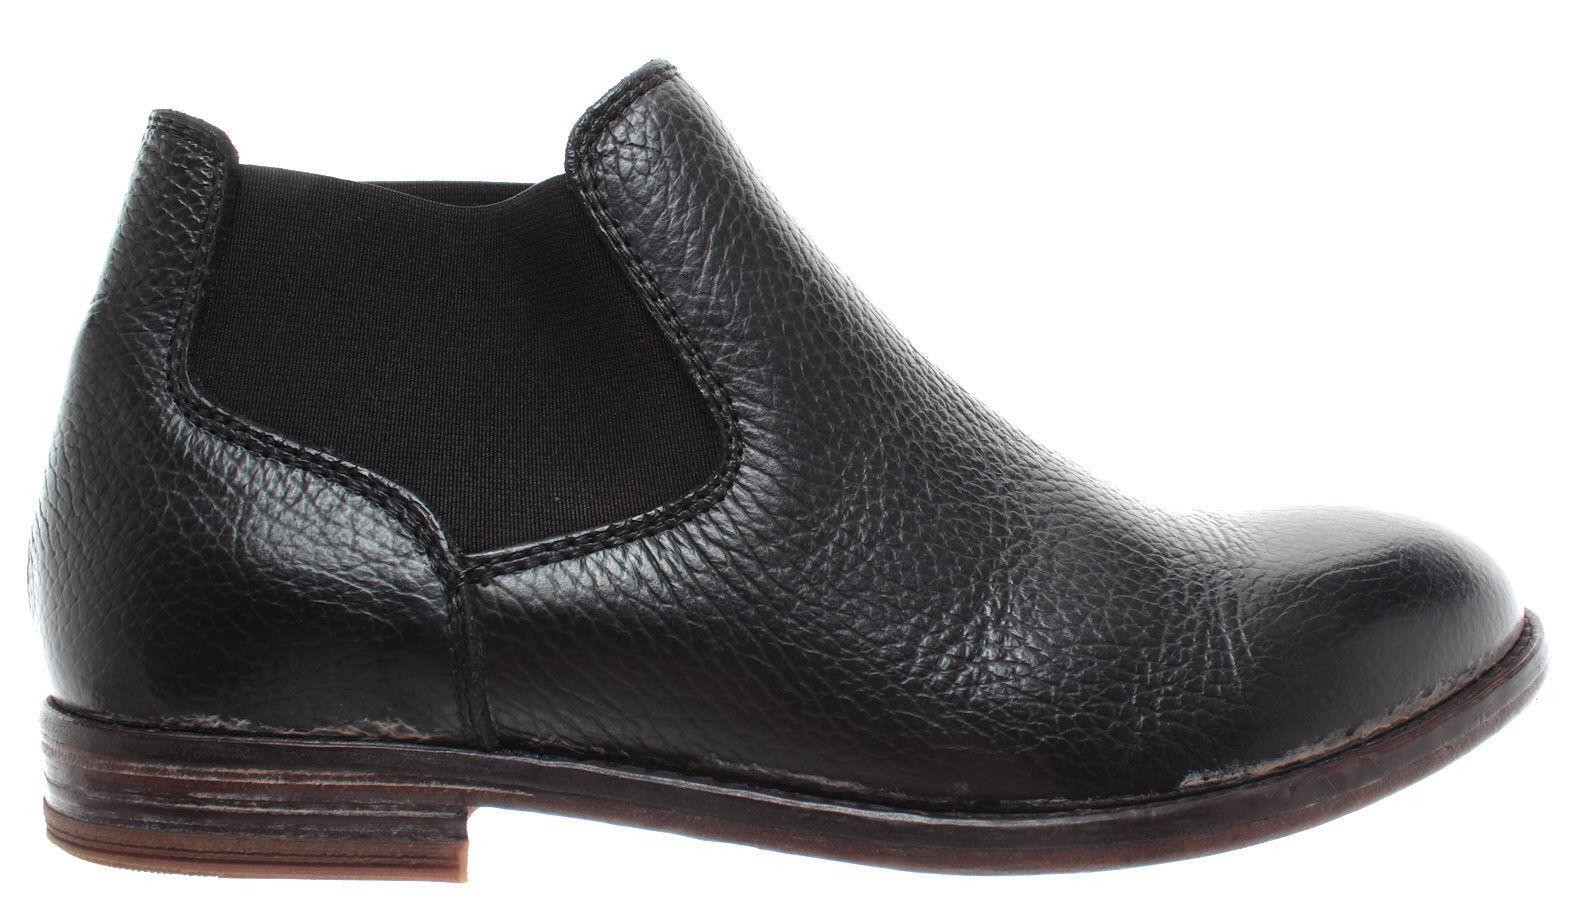 Moma zapatos señora señora señora botines 45804-y2 cuero negro nuevo  100% precio garantizado